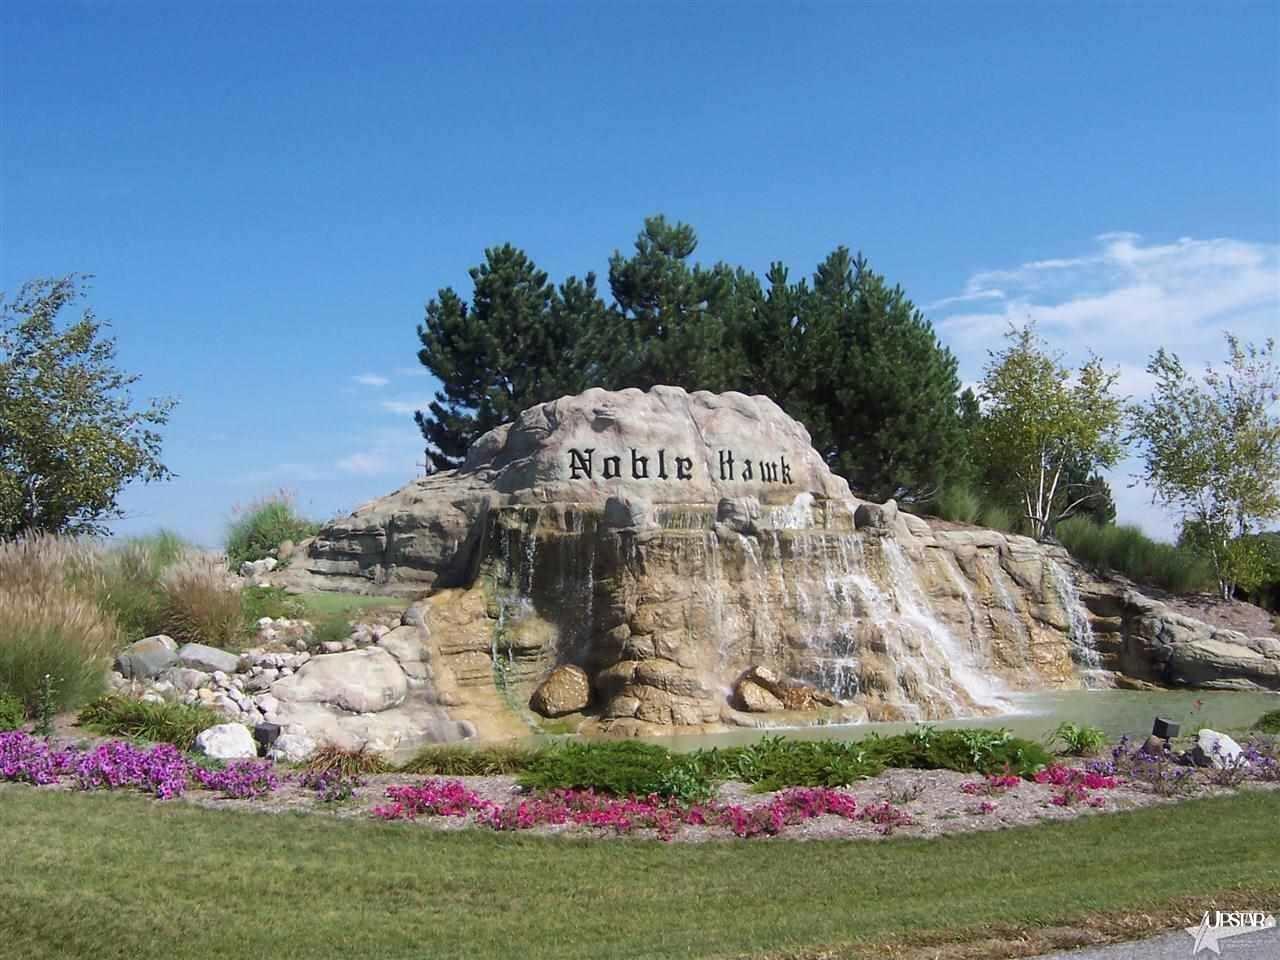 2809 Noble Hawk, Kendallville, IN 46755